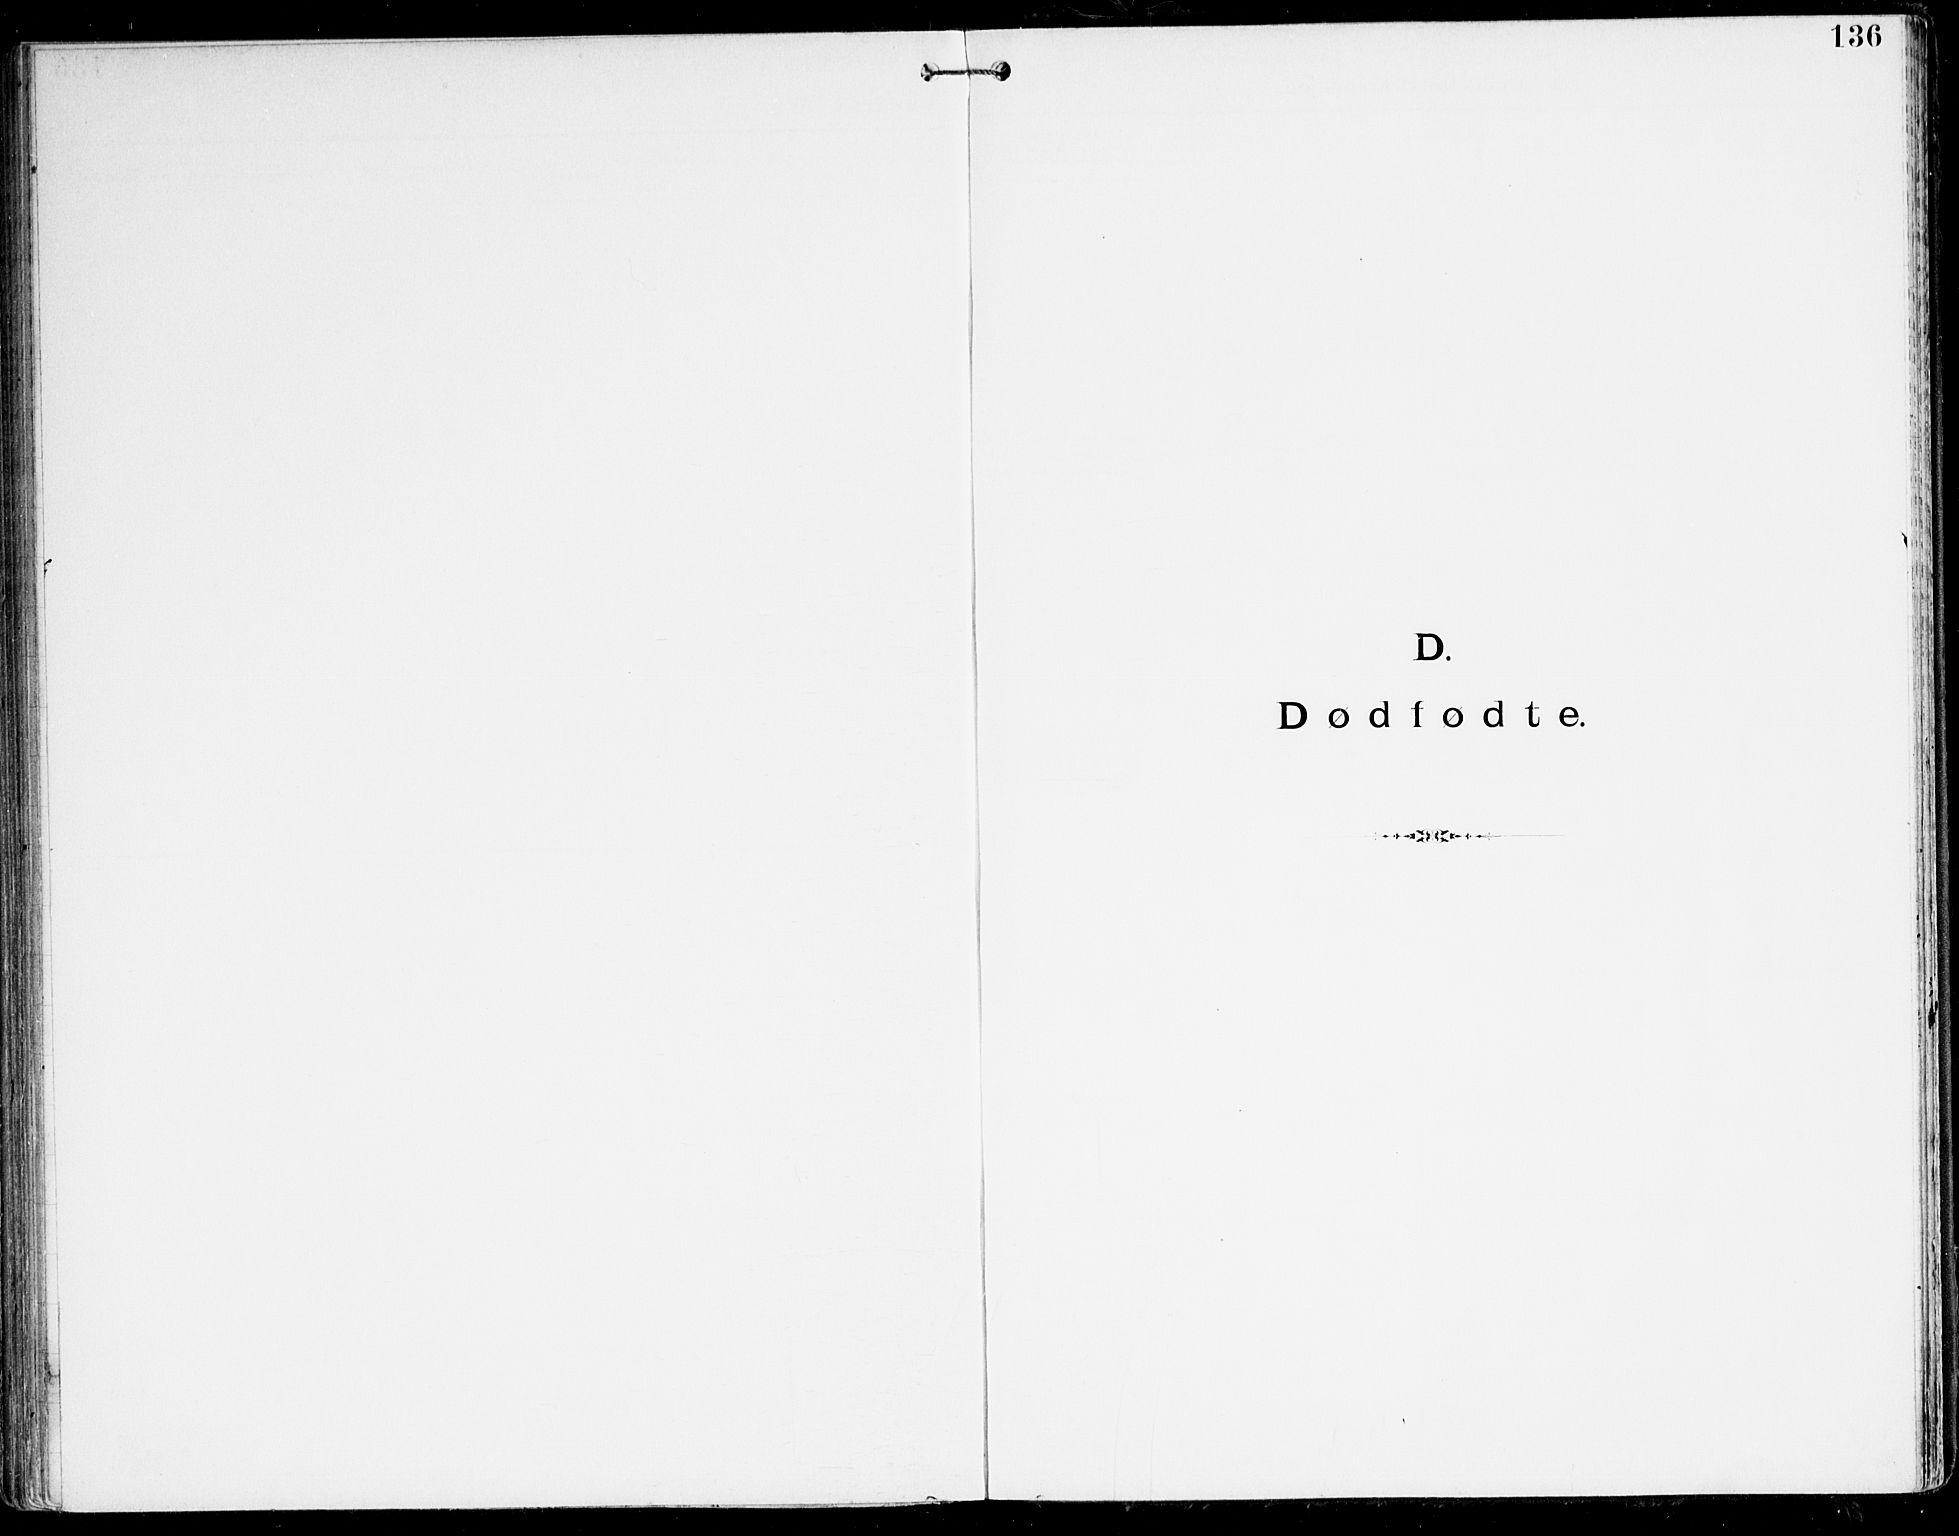 SAK, Den evangelisk-lutherske frikirke, Kristiansand, F/Fa/L0003: Dissenterprotokoll nr. F 11, 1892-1925, s. 136